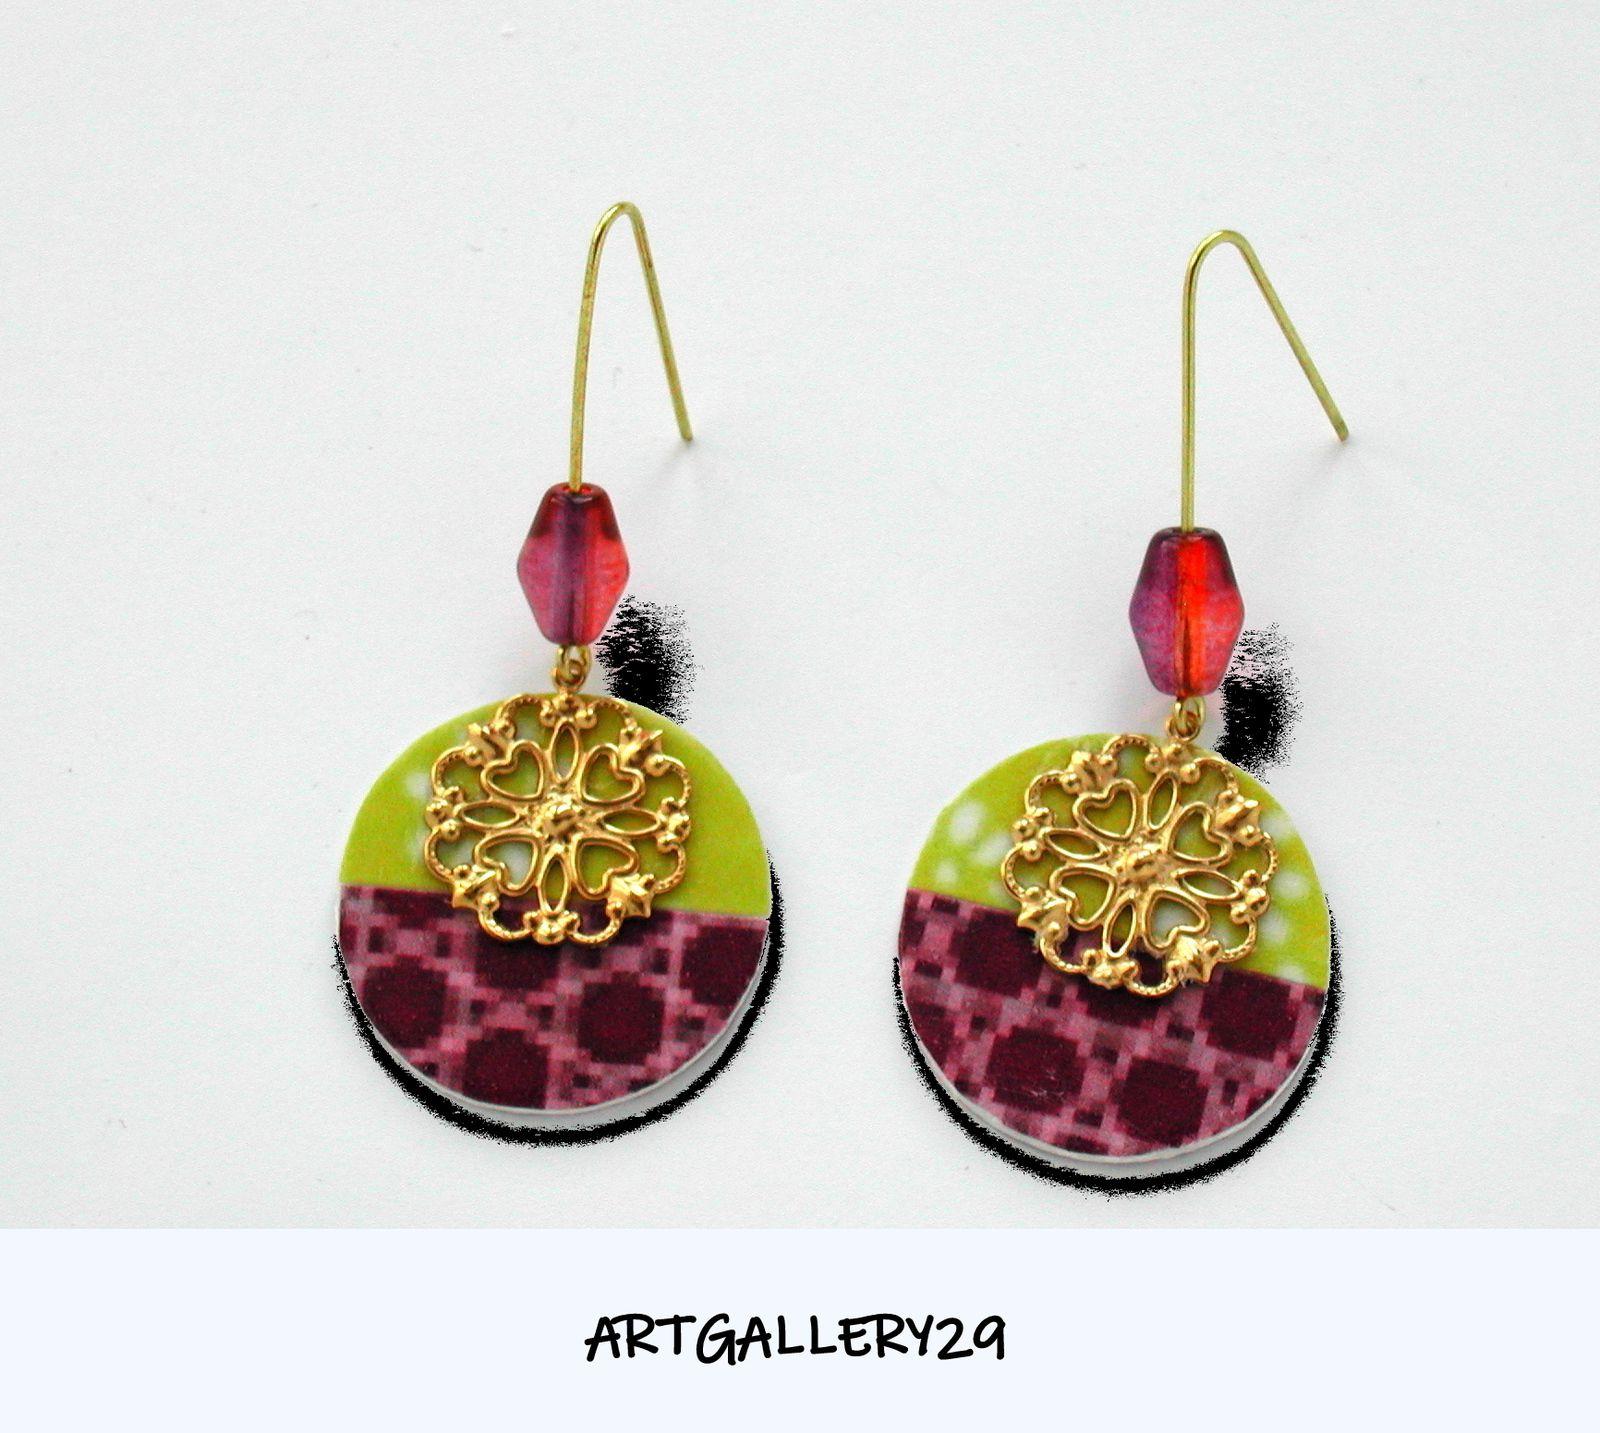 Boucles d'oreilles rondes pendantes filigrane doré violet/vert anis, artisanales, originales